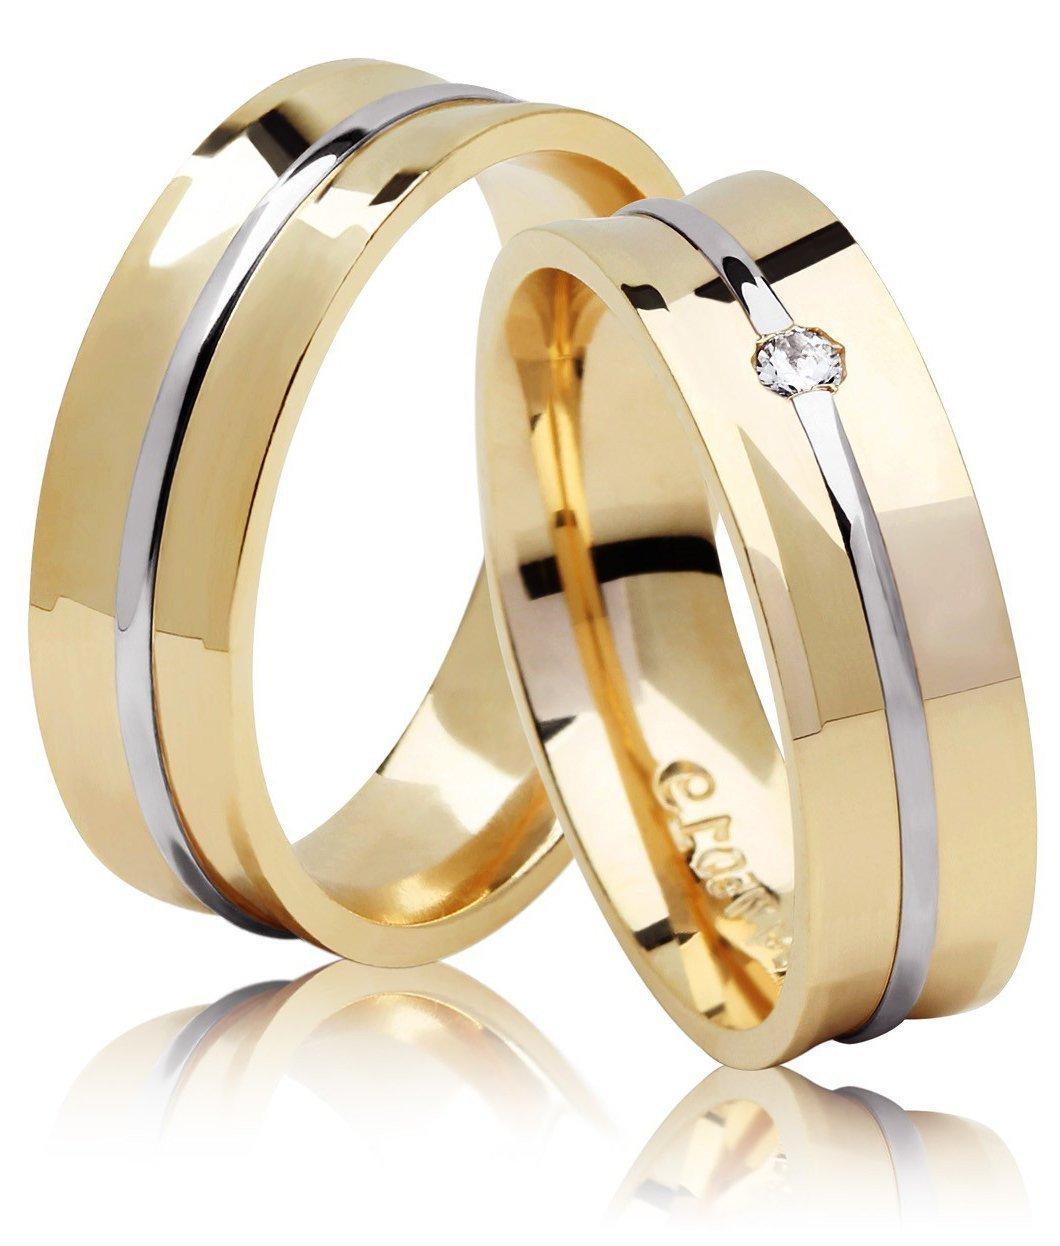 Aliança de Casamento JOE Ouro Amarelo e Branco Côncava com Diamante - Unitária (5.80mm)